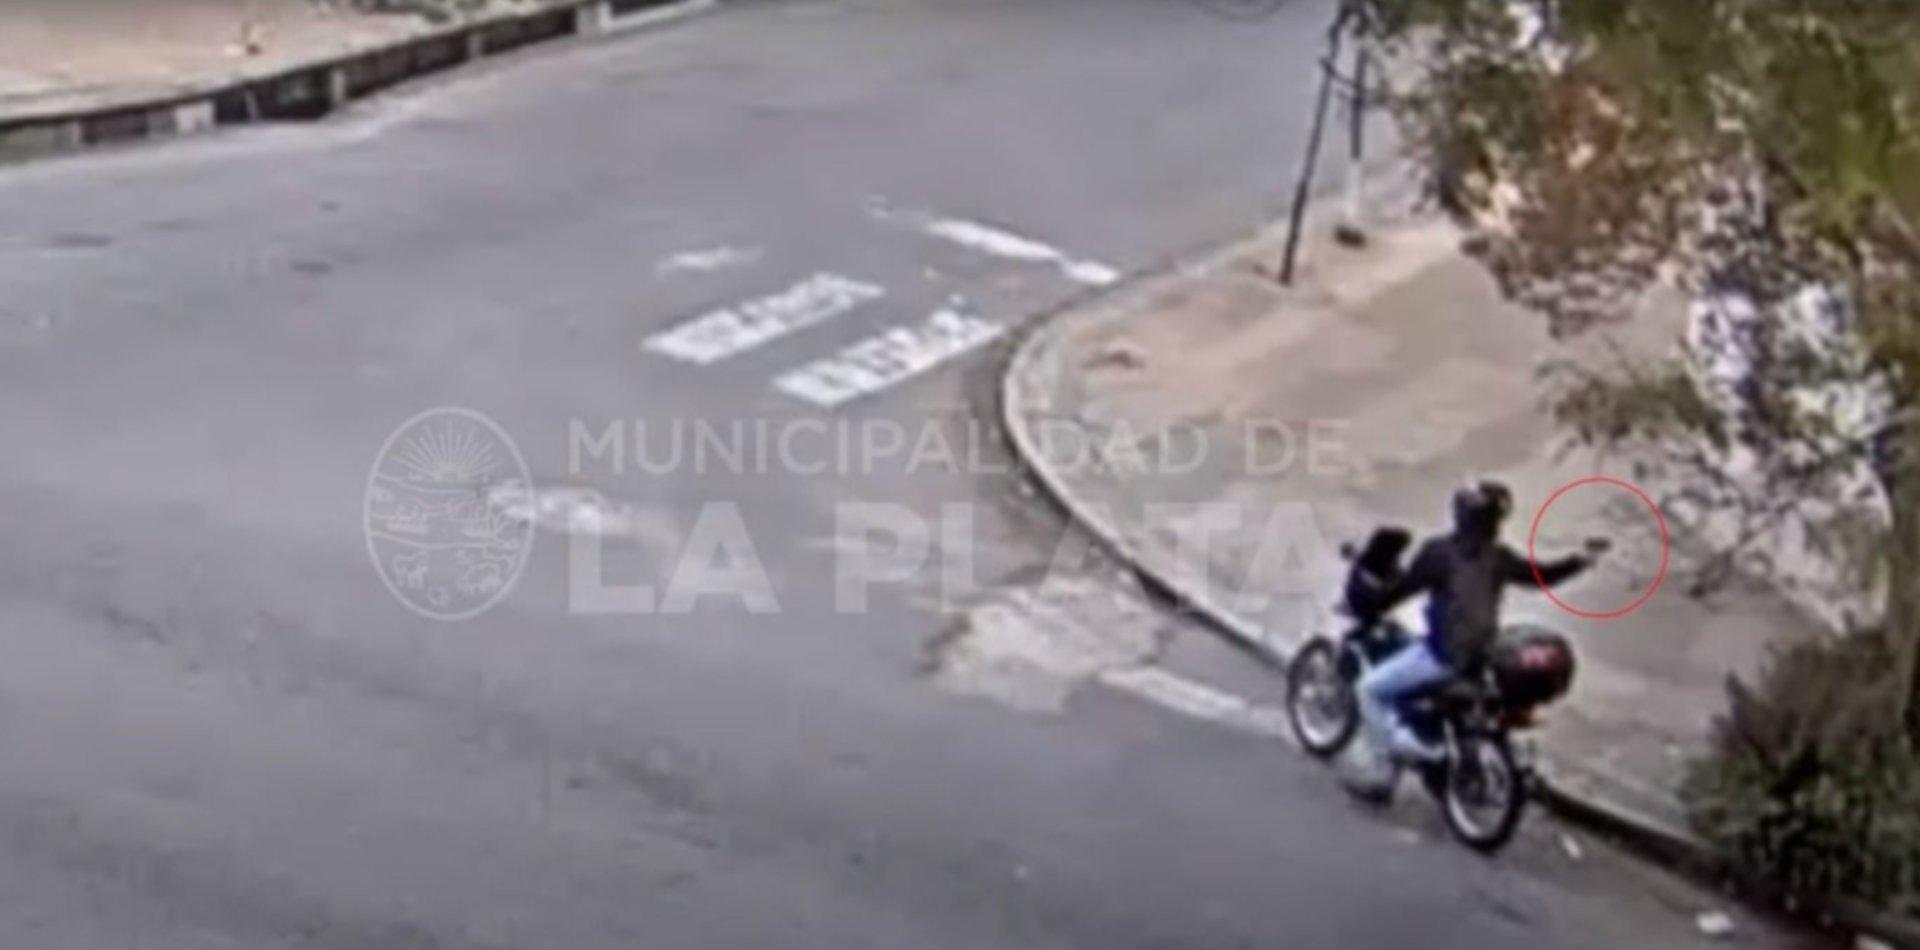 Tensión en La Plata: un policía de civil frustró un robo tras apuntarle al ladrón